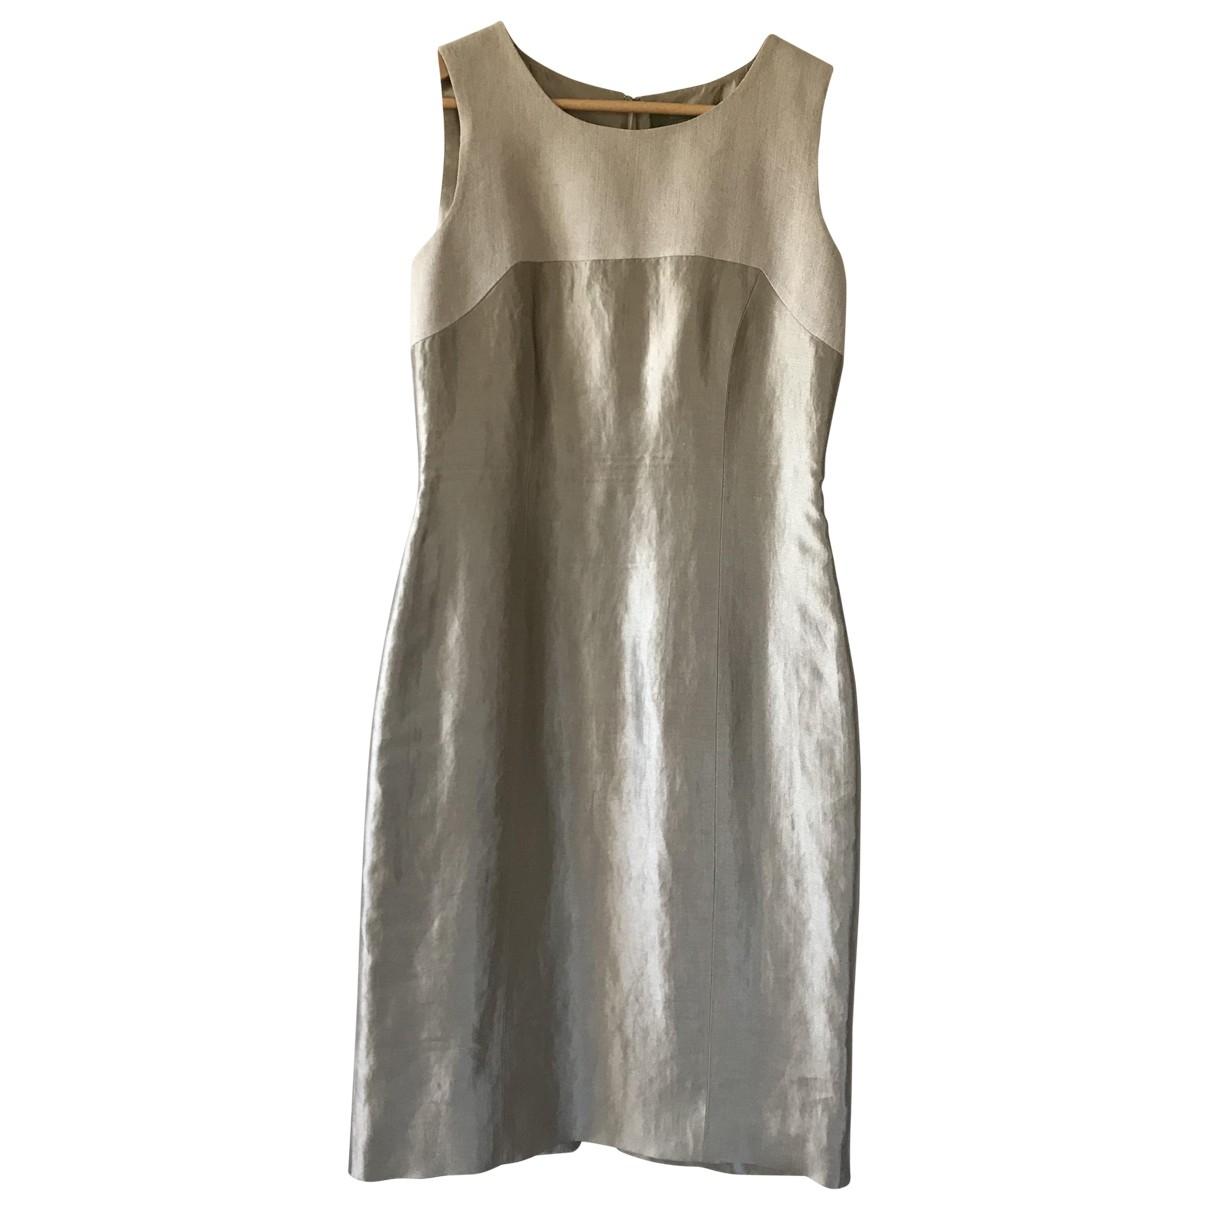 Etro \N Beige Linen dress for Women 42 IT